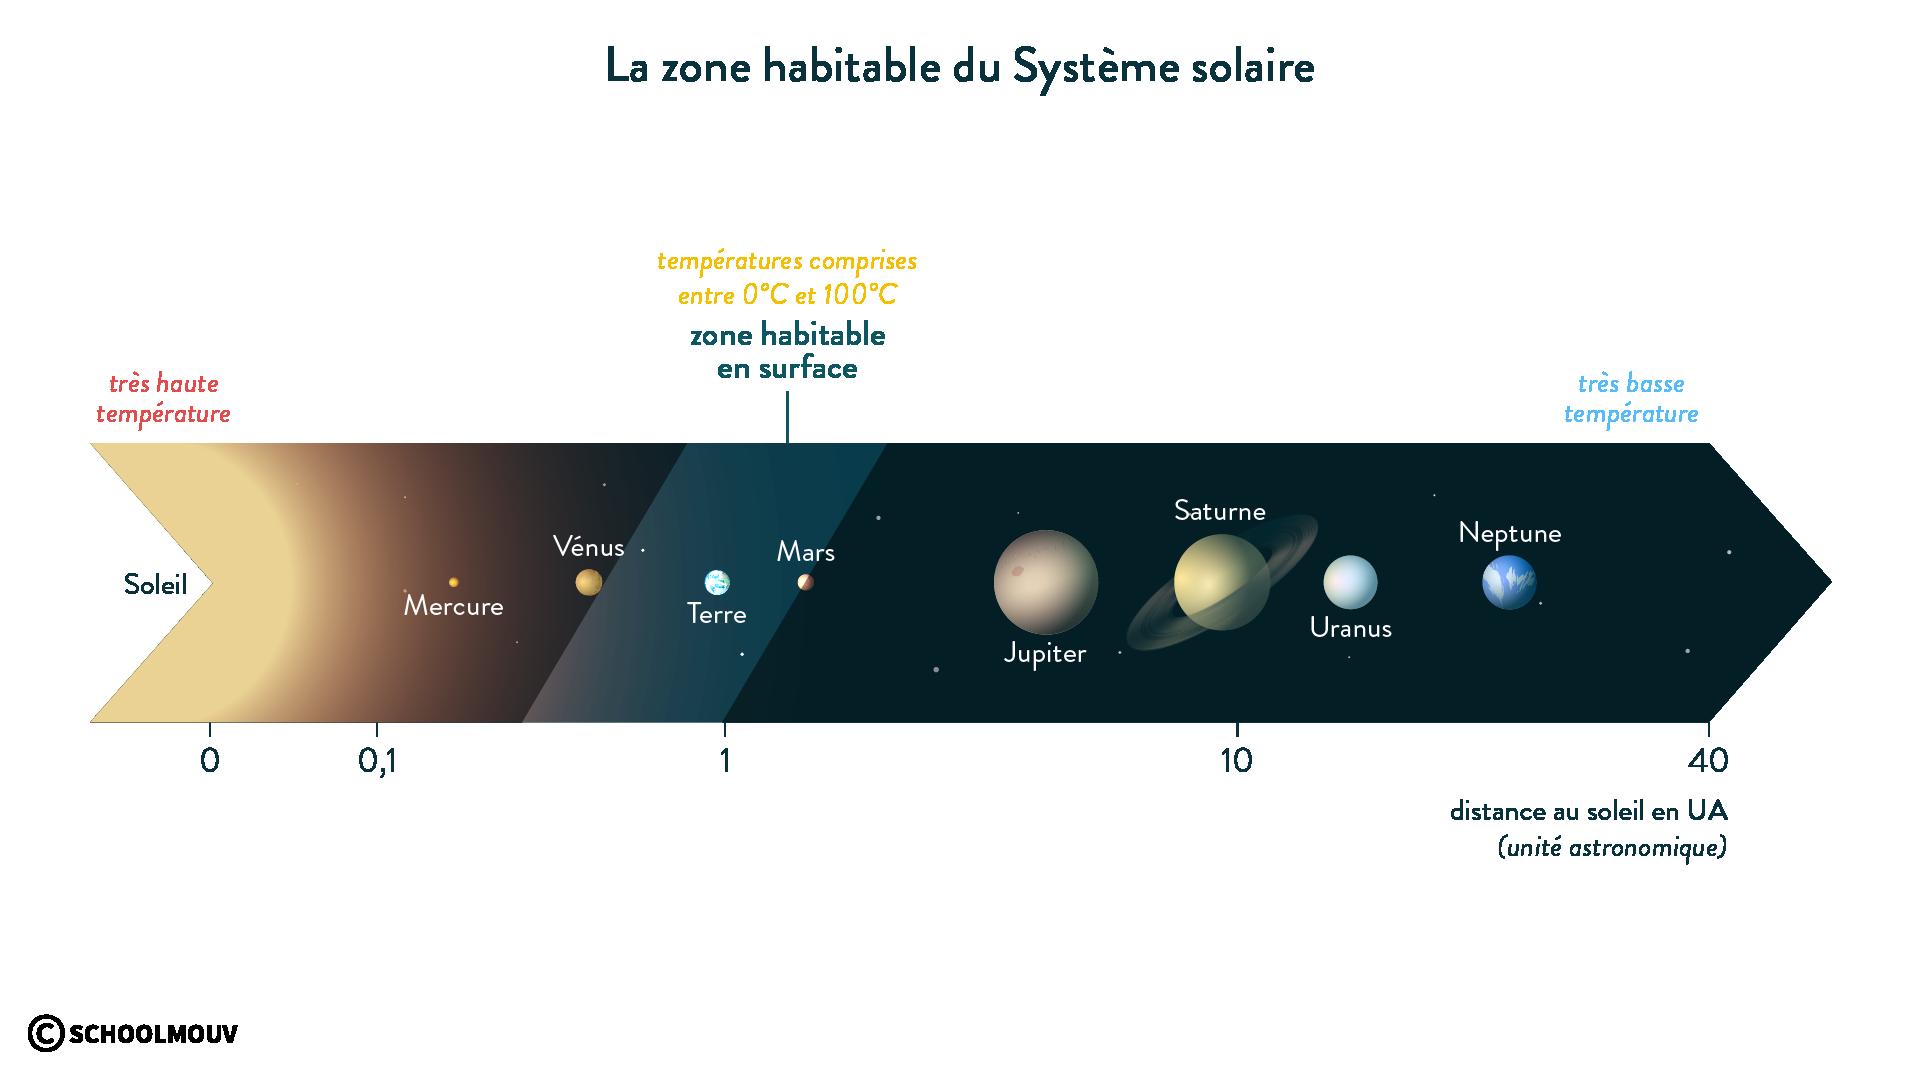 La zone habitable du Système solaire-svt-6e-schoolmouv